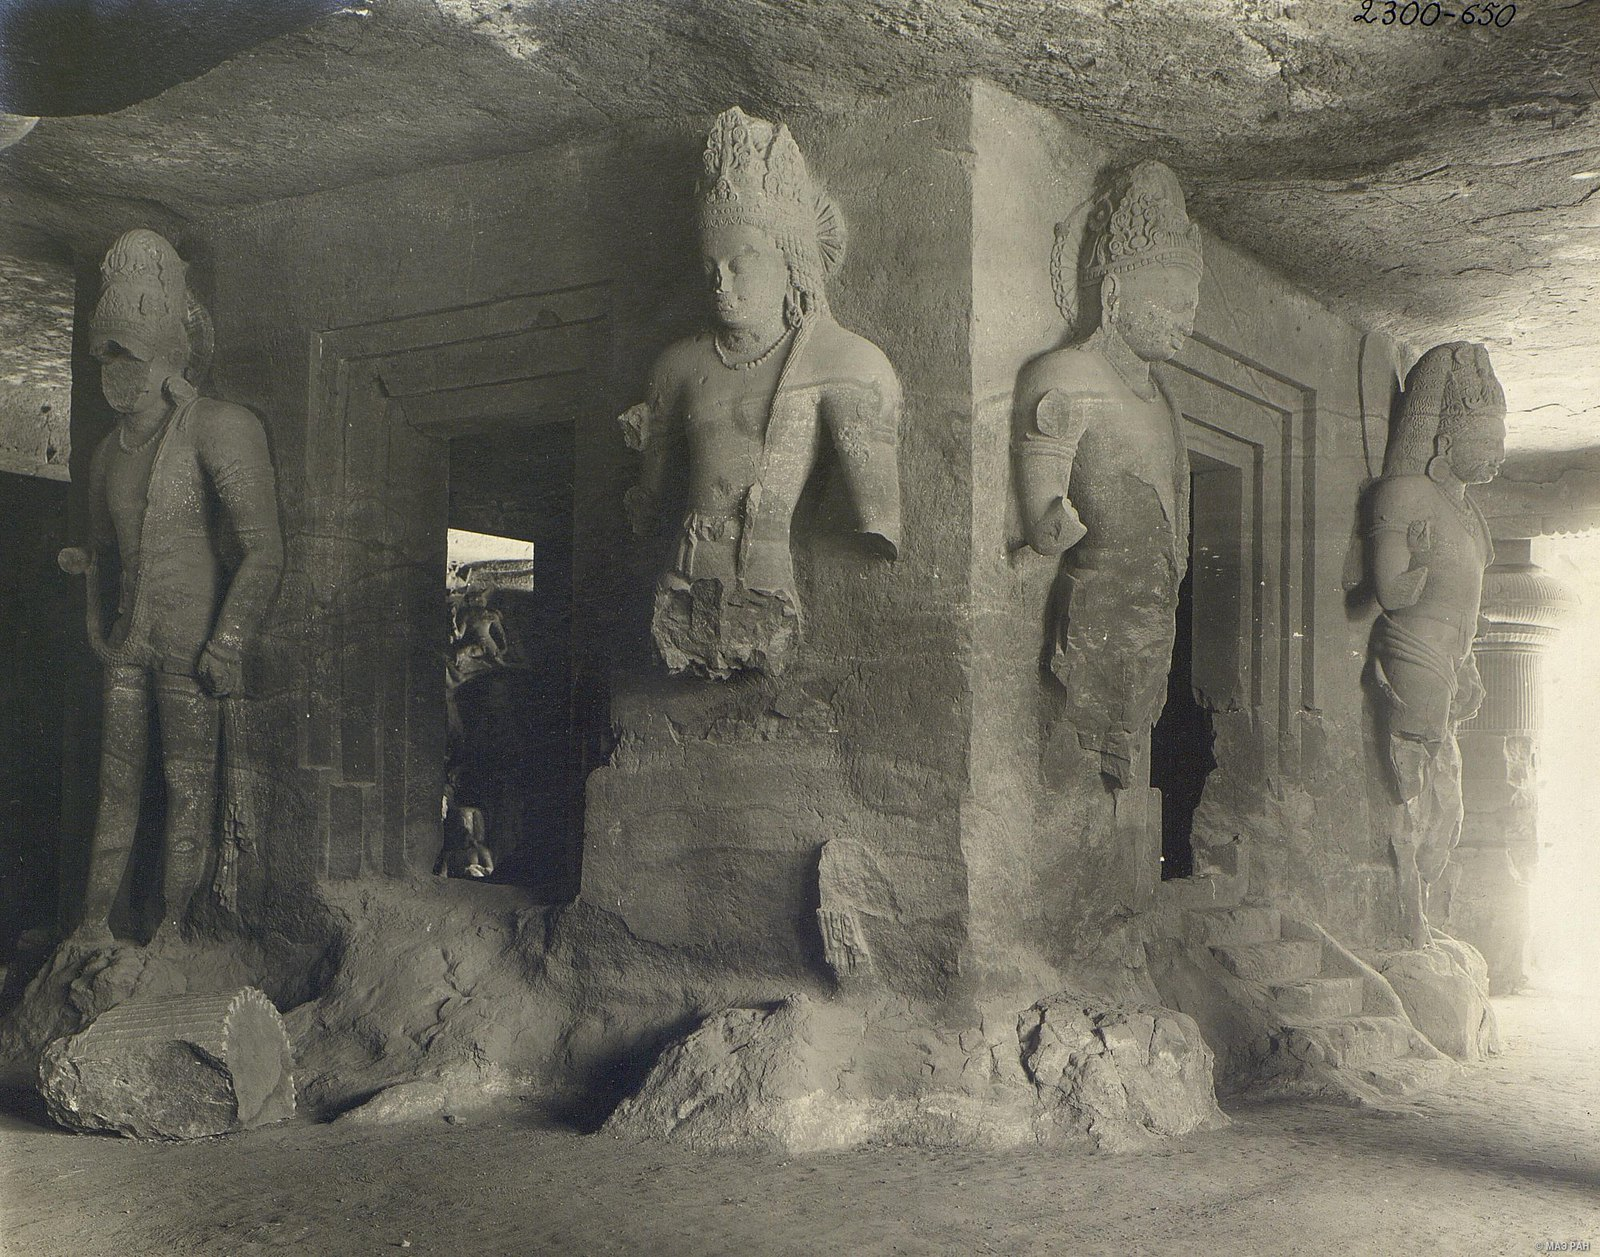 Пещерный храм в Элефанте (внутренний вид)2